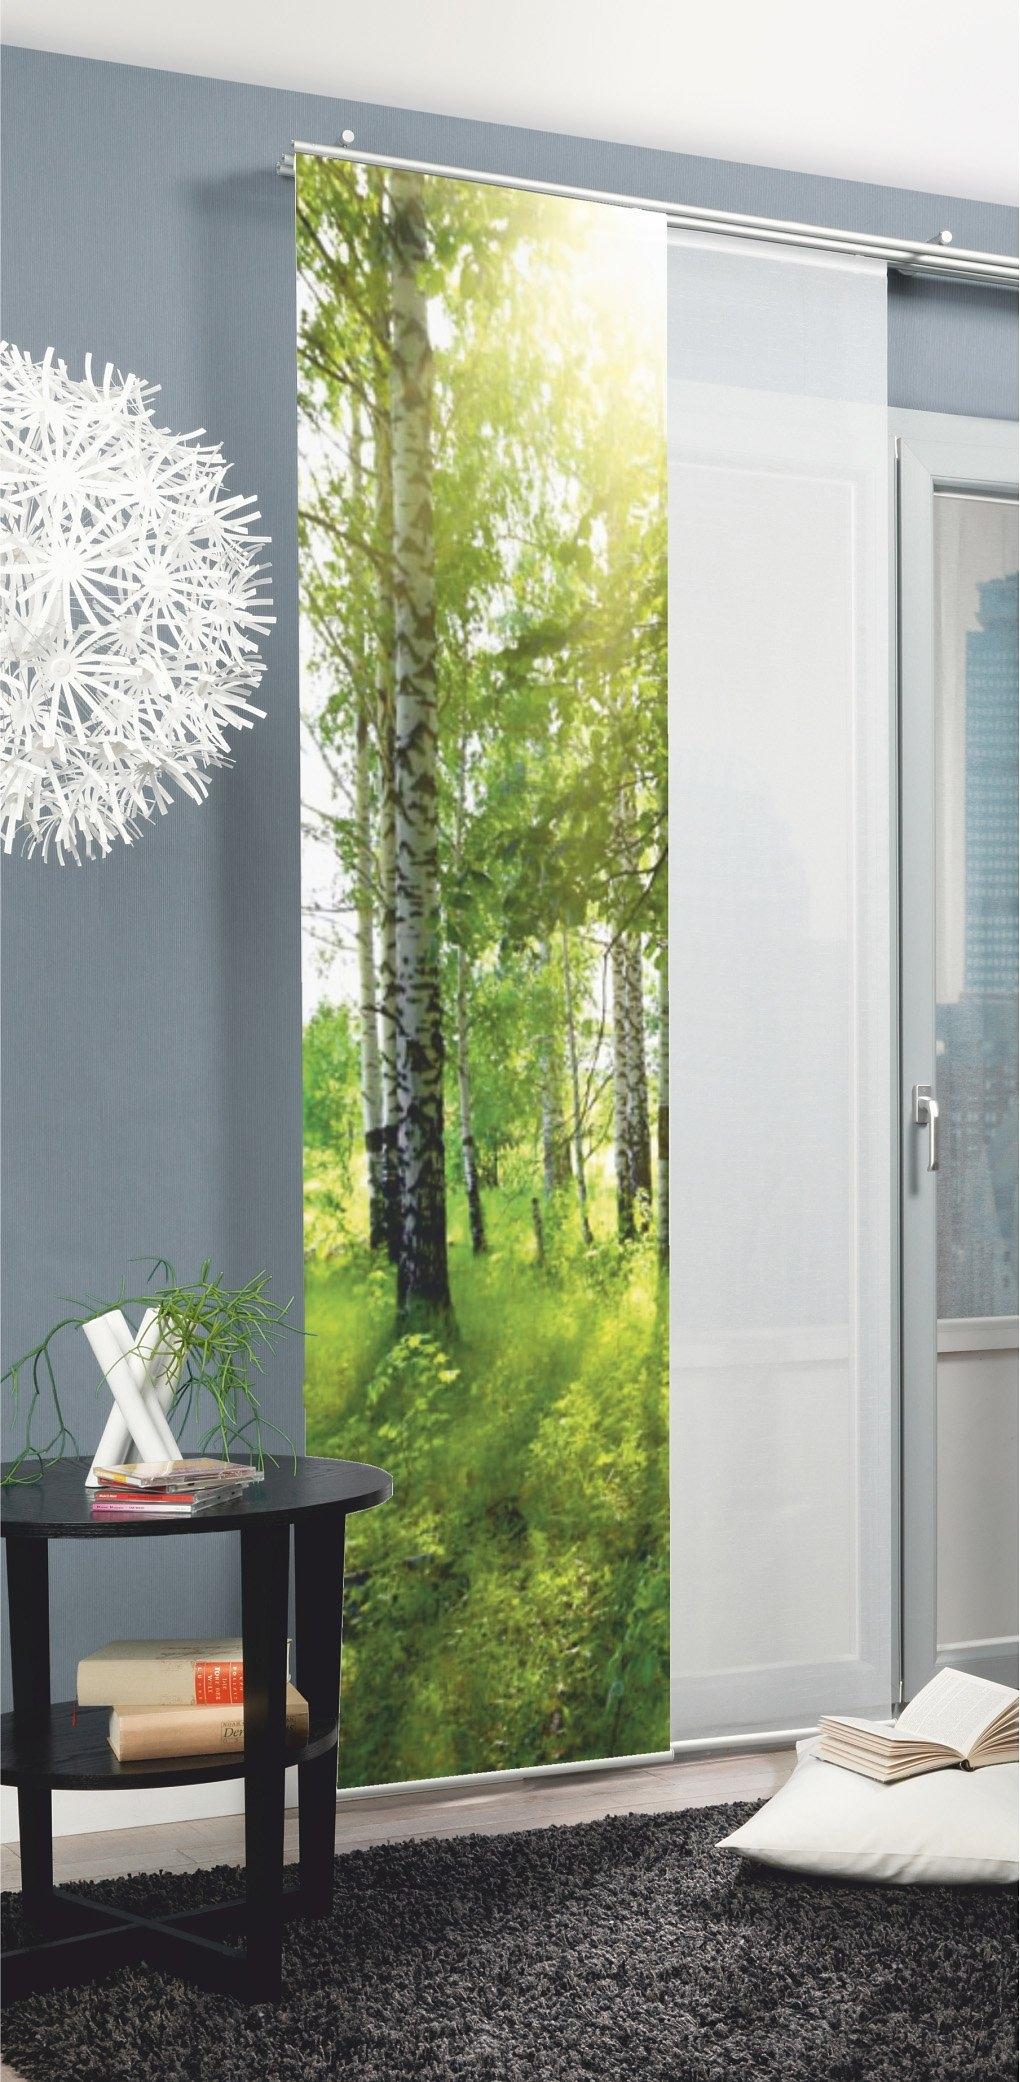 Paneelgordijn home wohnideen newcastle per stuk met for Wohnideen accessoires